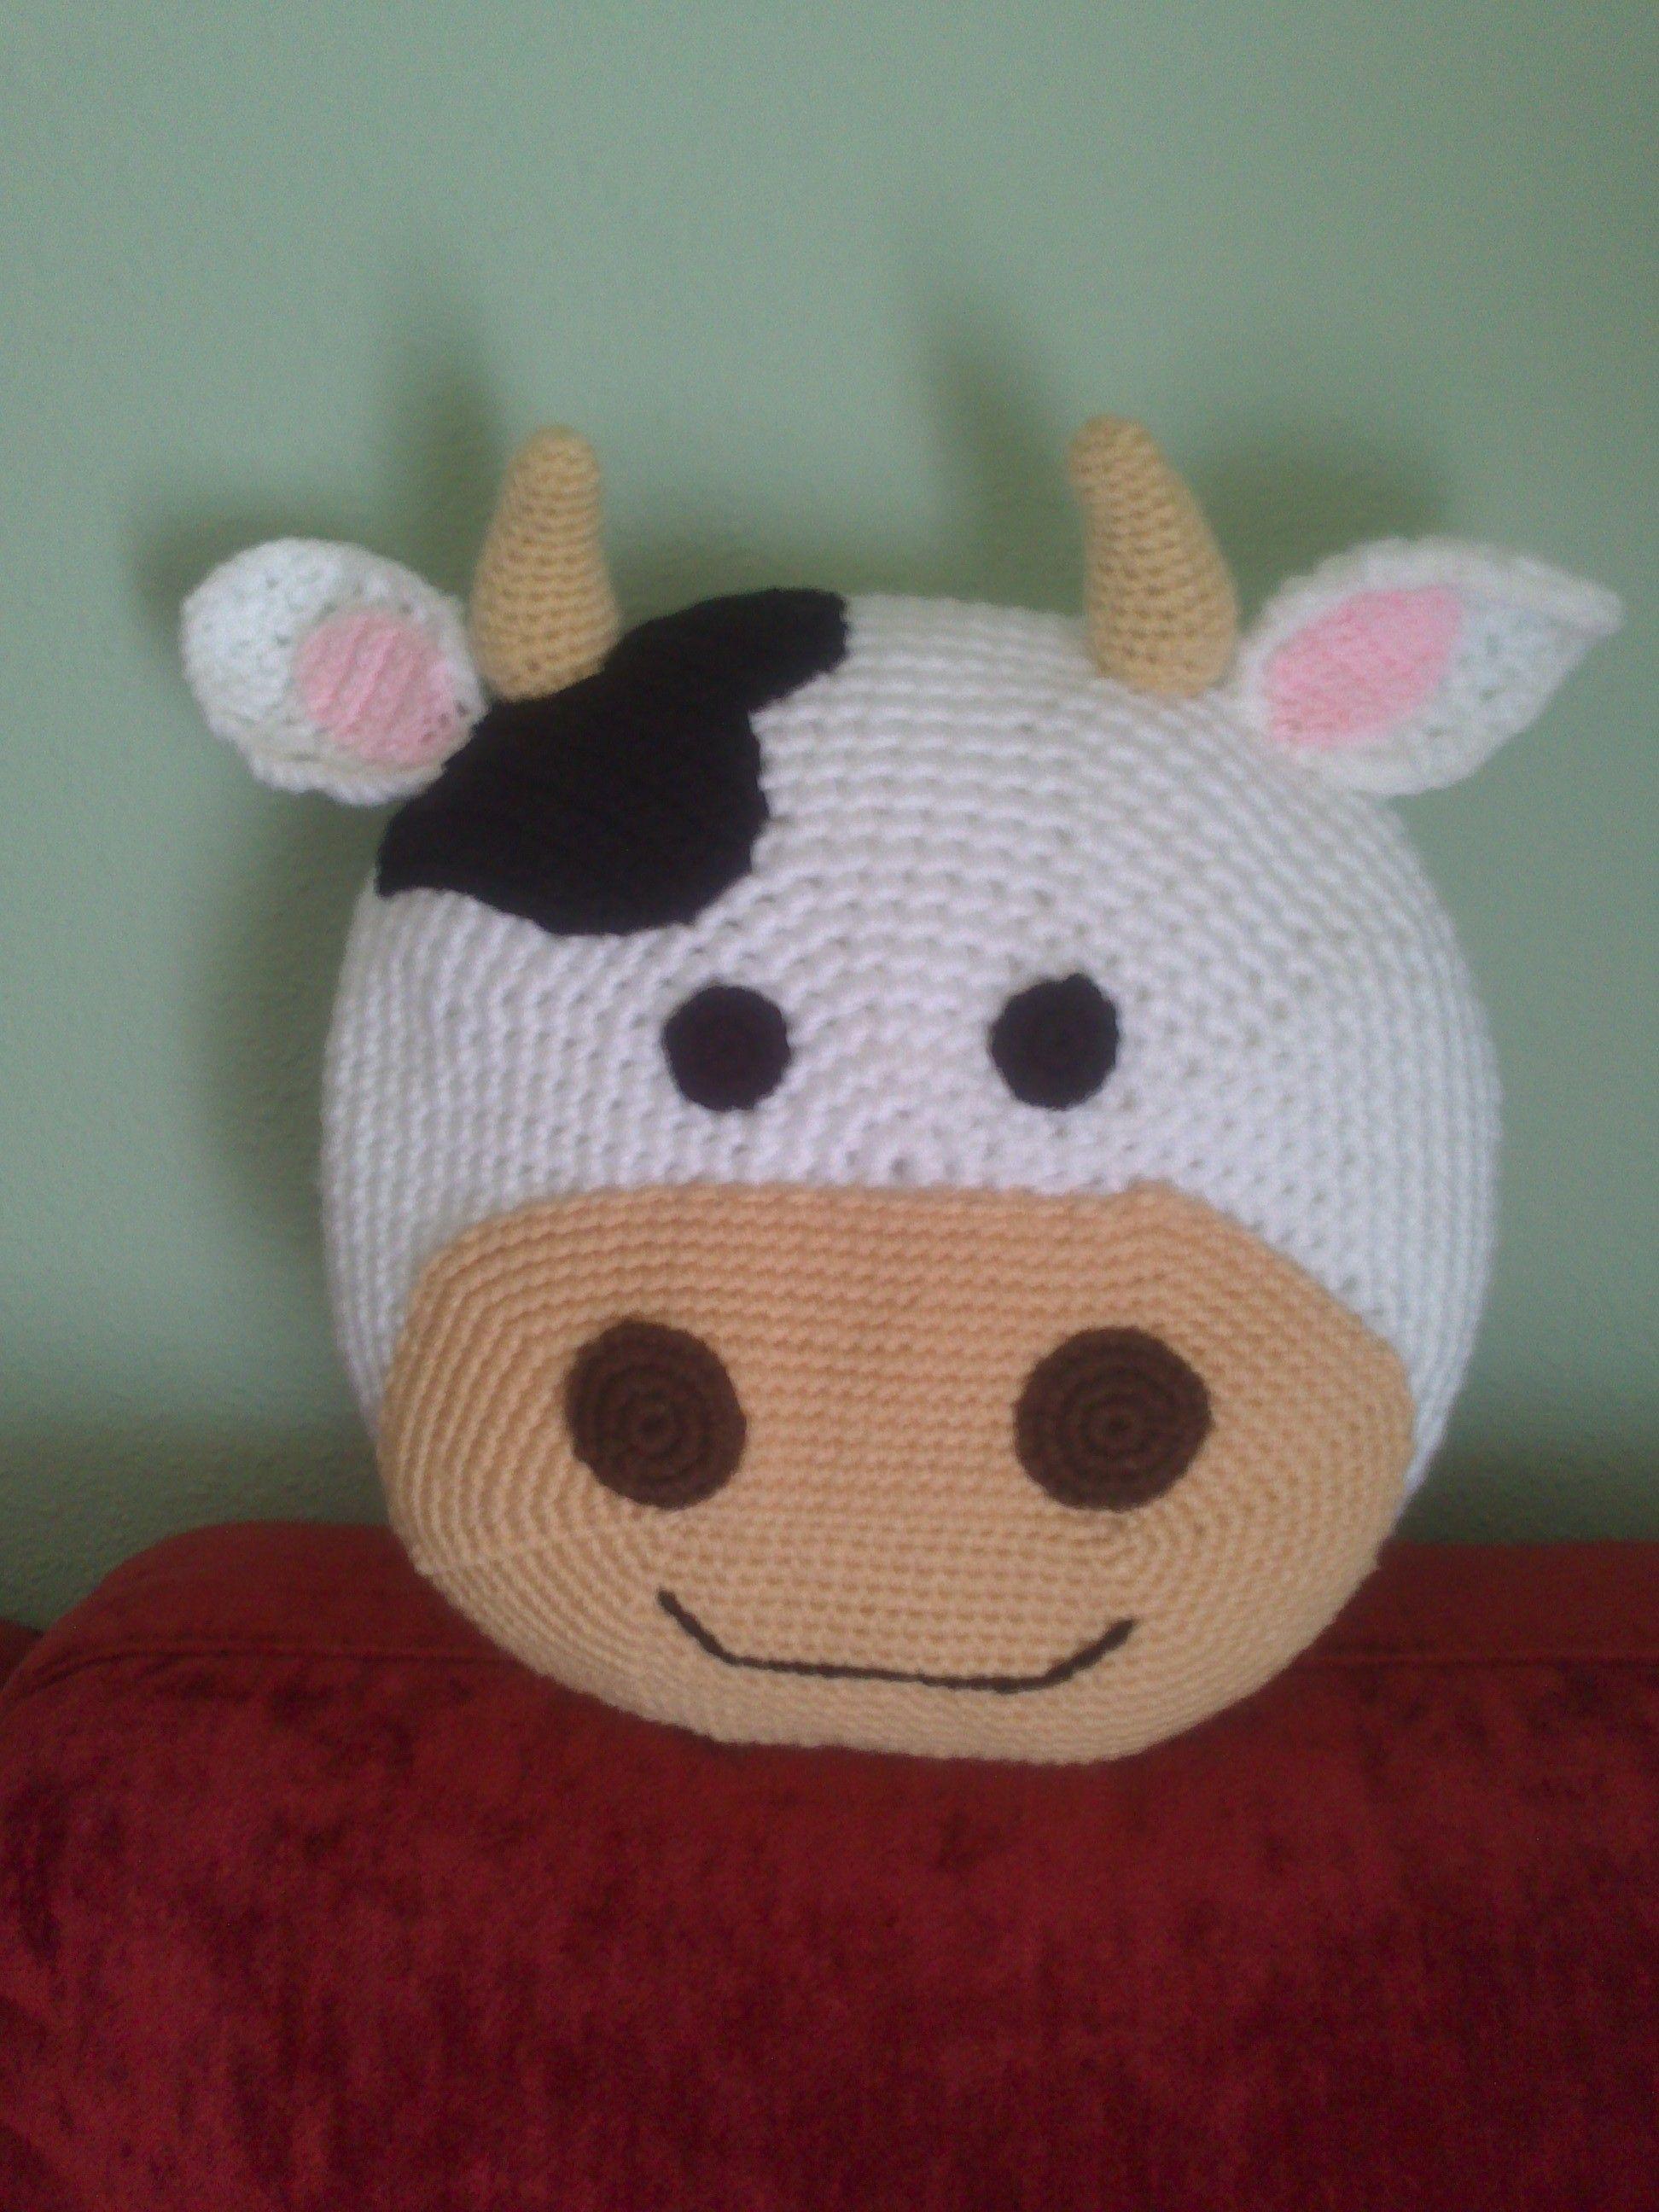 Cojin de vaca | amigurumi | Pinterest | Vaca, Ganchillo y Tejido